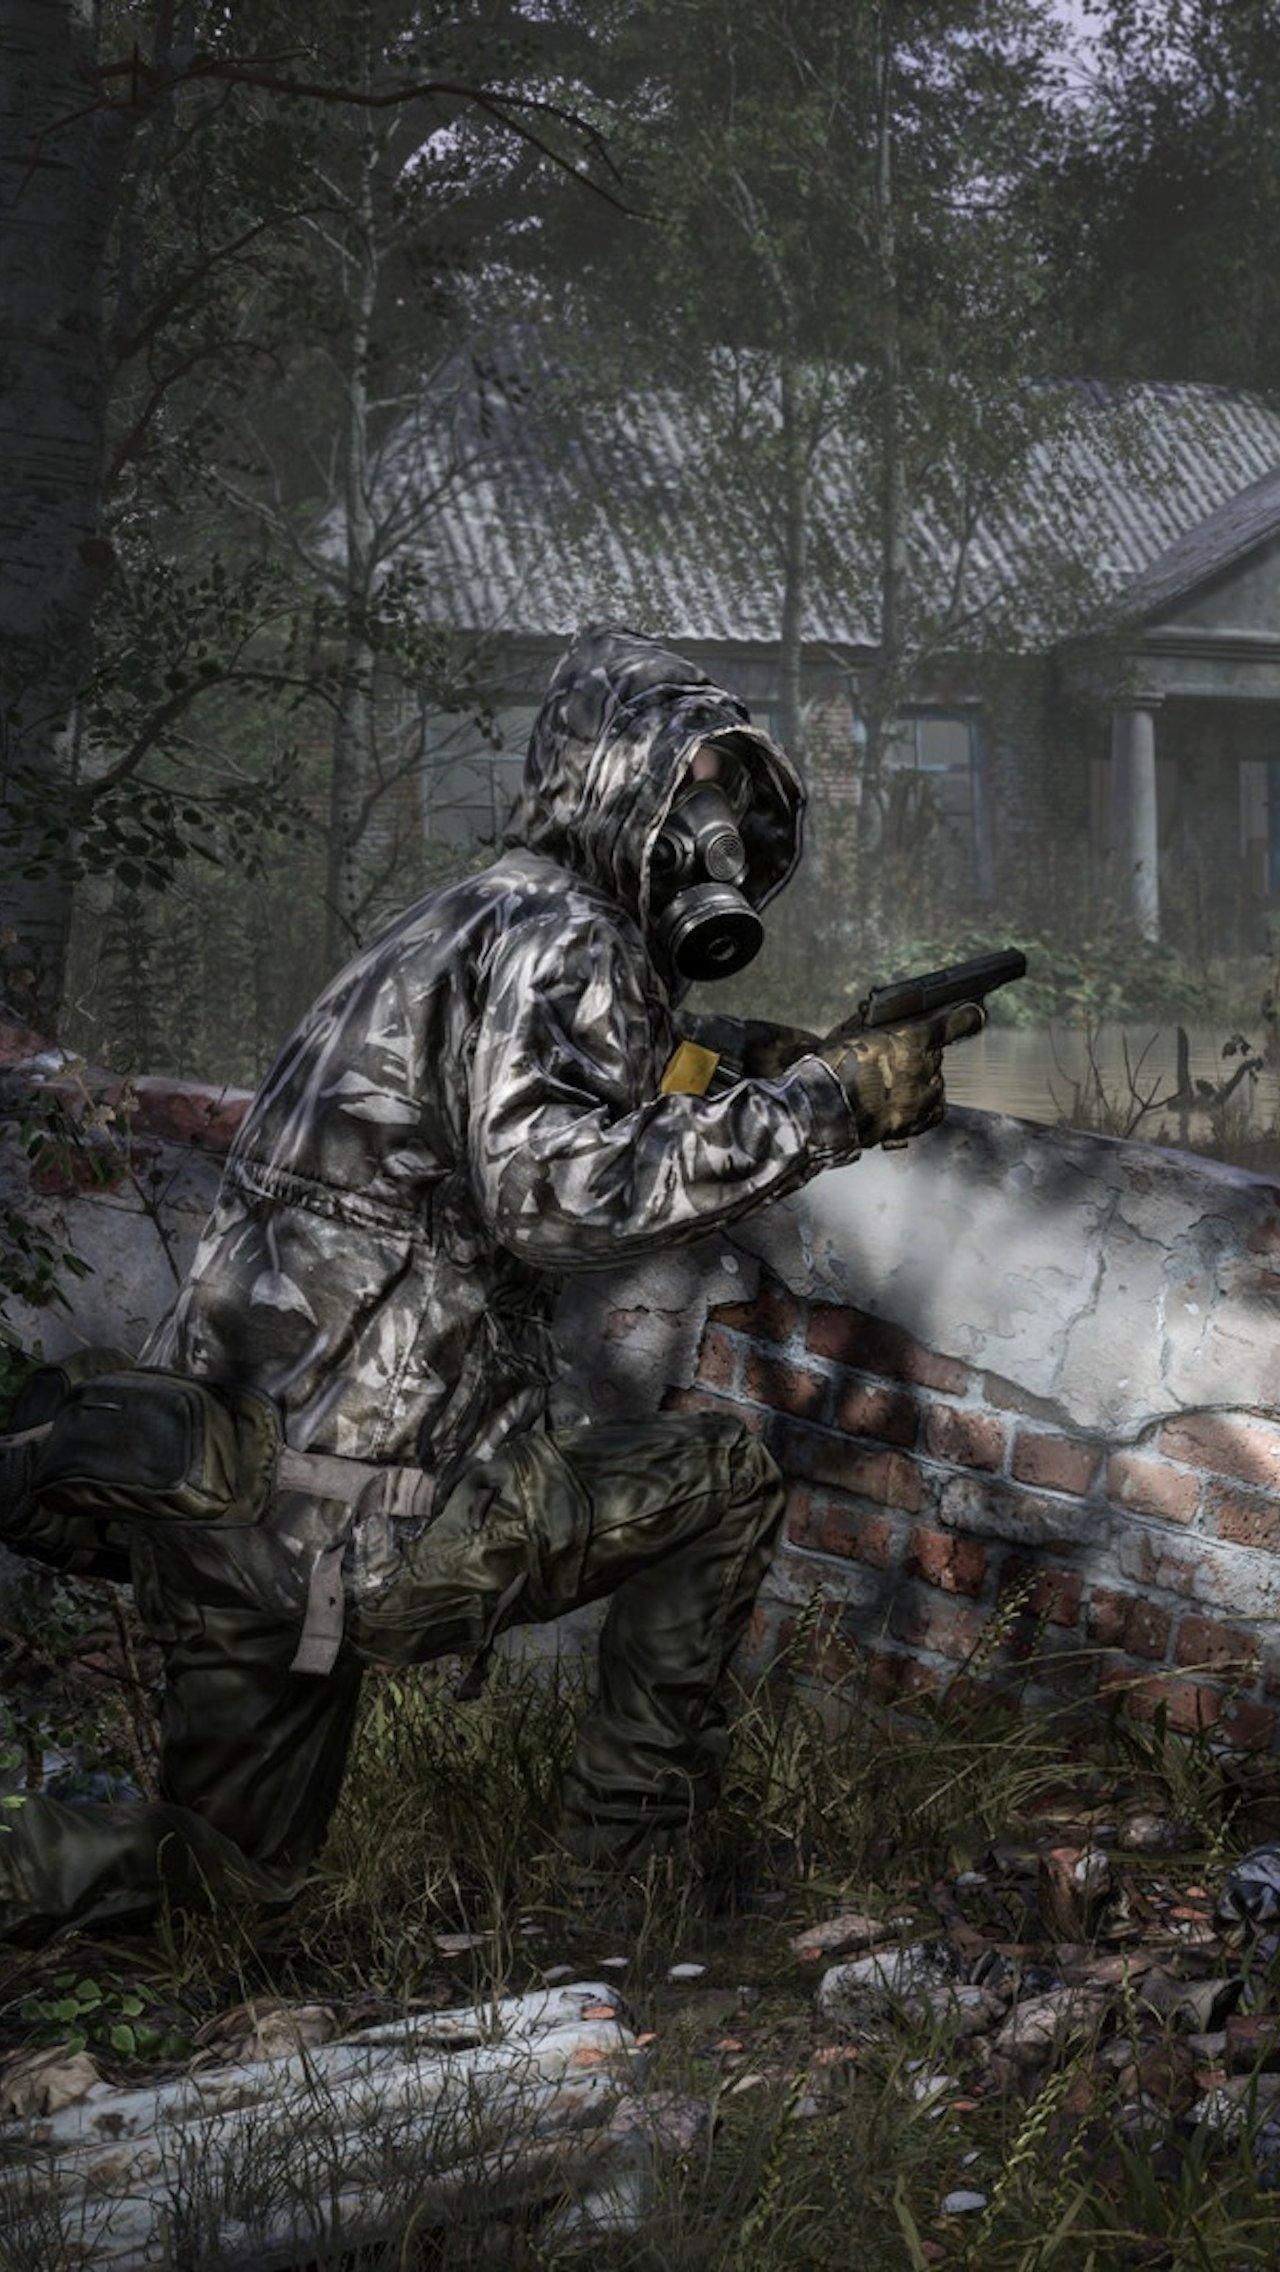 Chernobylite (хоррор, выживание): ПК — 28 июля